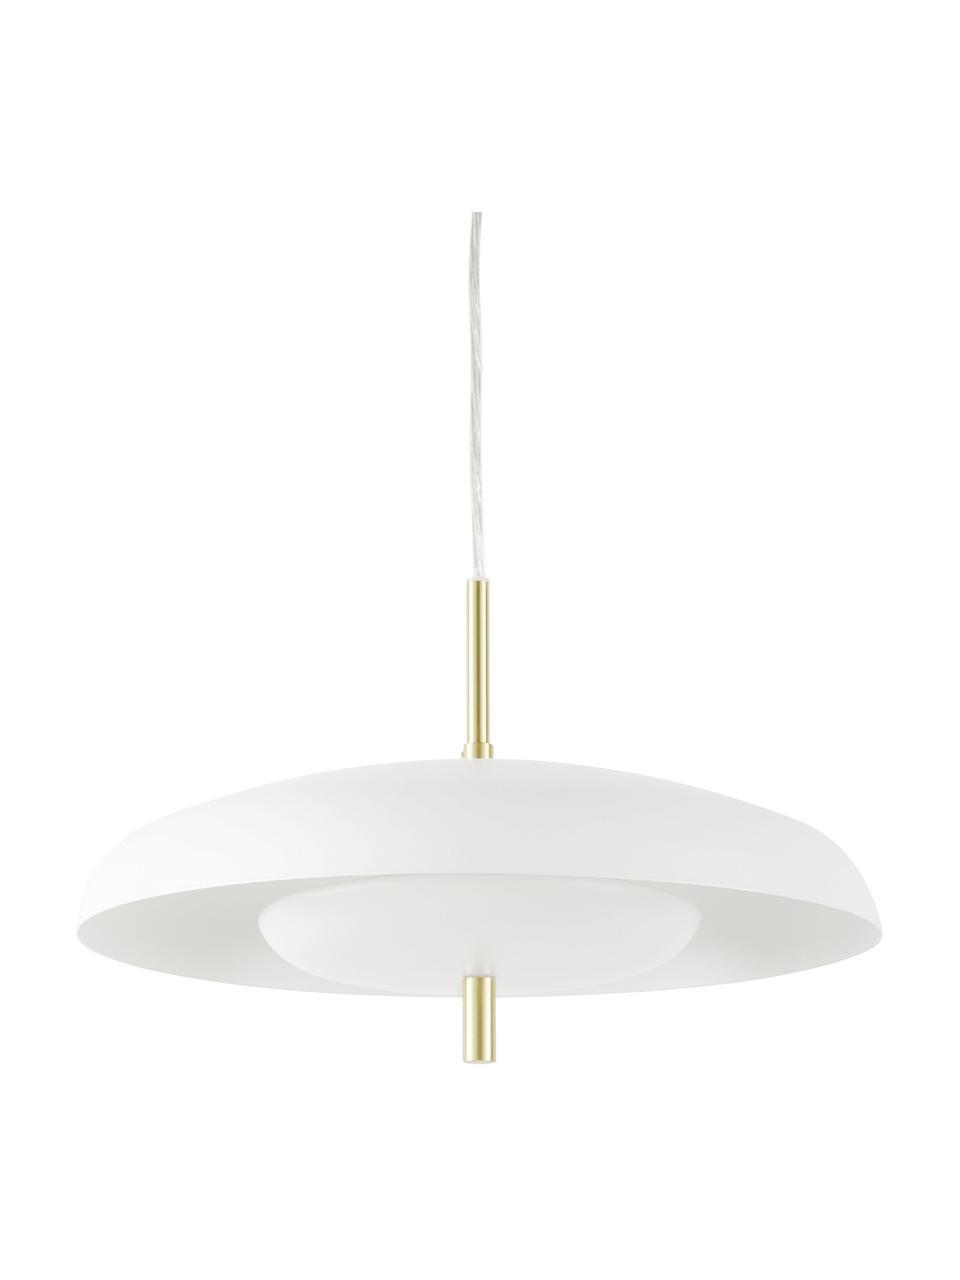 Hanglamp Mathea in wit-goudkleurig, Lampenkap: gepoedercoat metaal, Decoratie: vermessingd metaal, Baldakijn: gepoedercoat metaal, Wit, Ø 38  x H 8 cm